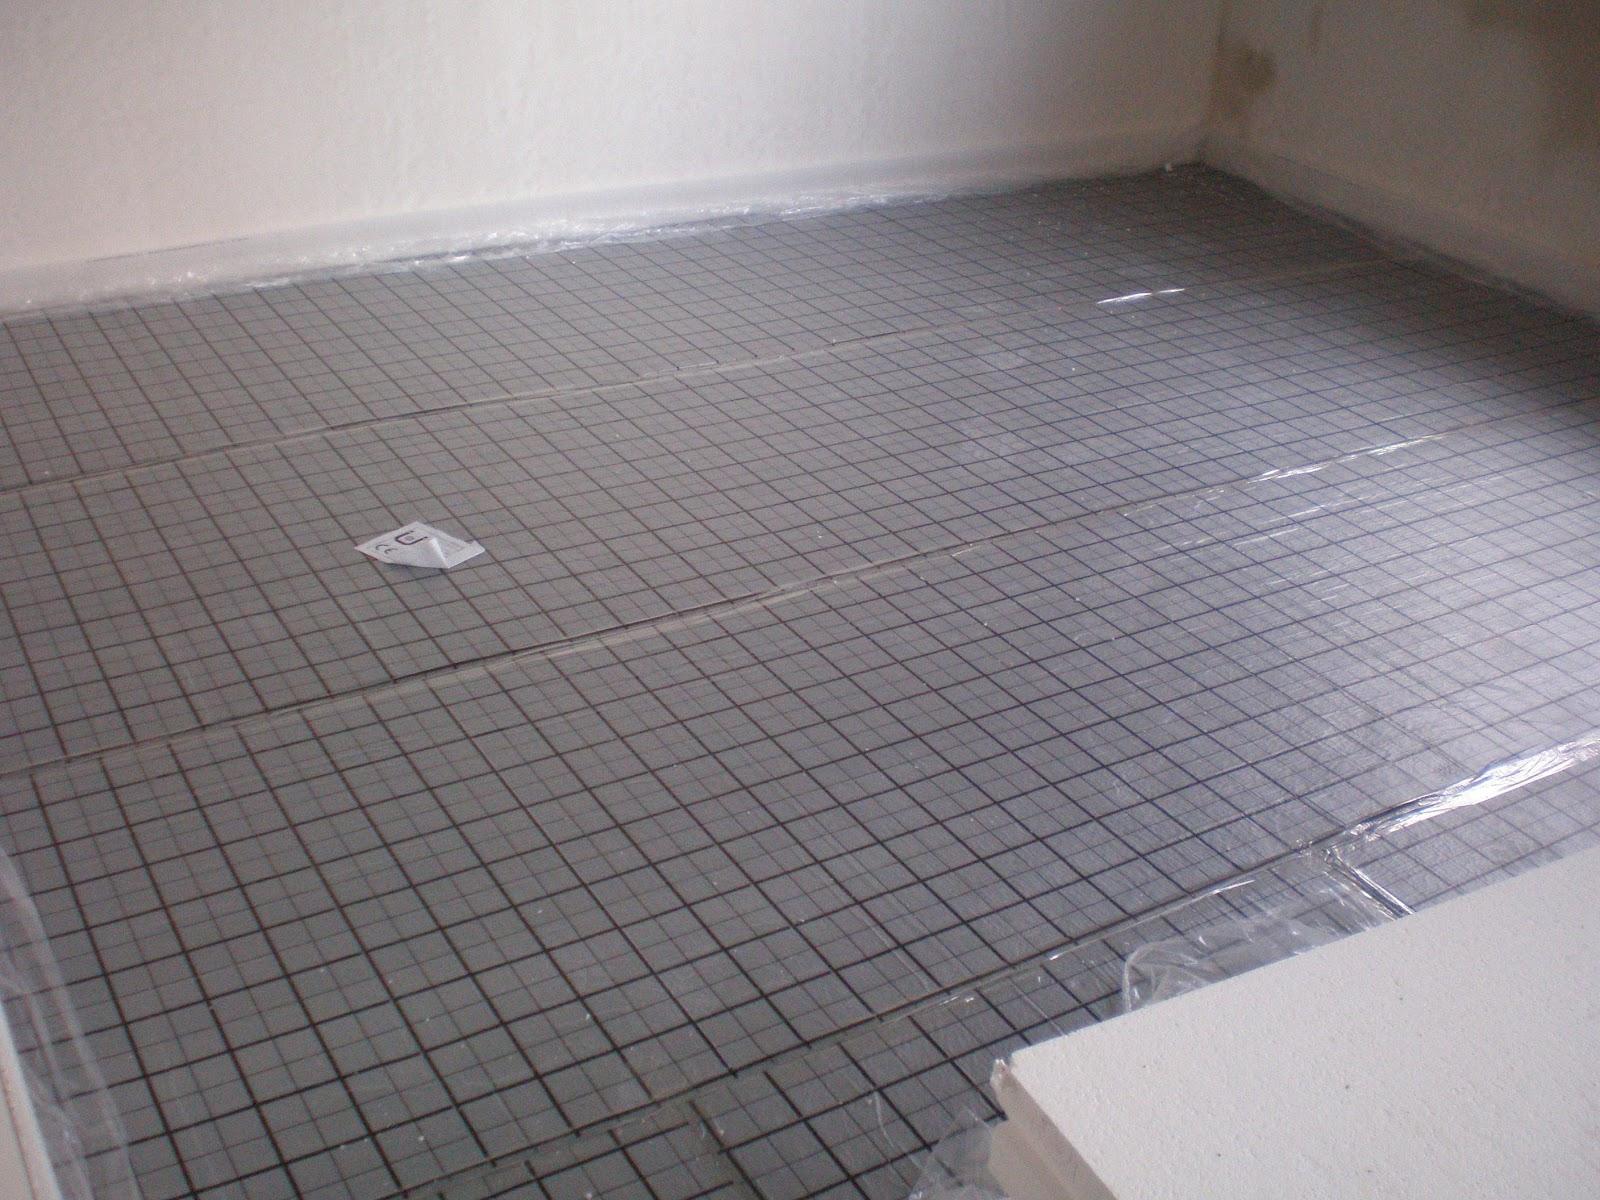 Fußbodenaufbau Bad ~ Bautagebuch anhöck kellner erfurt fußbodenaufbau